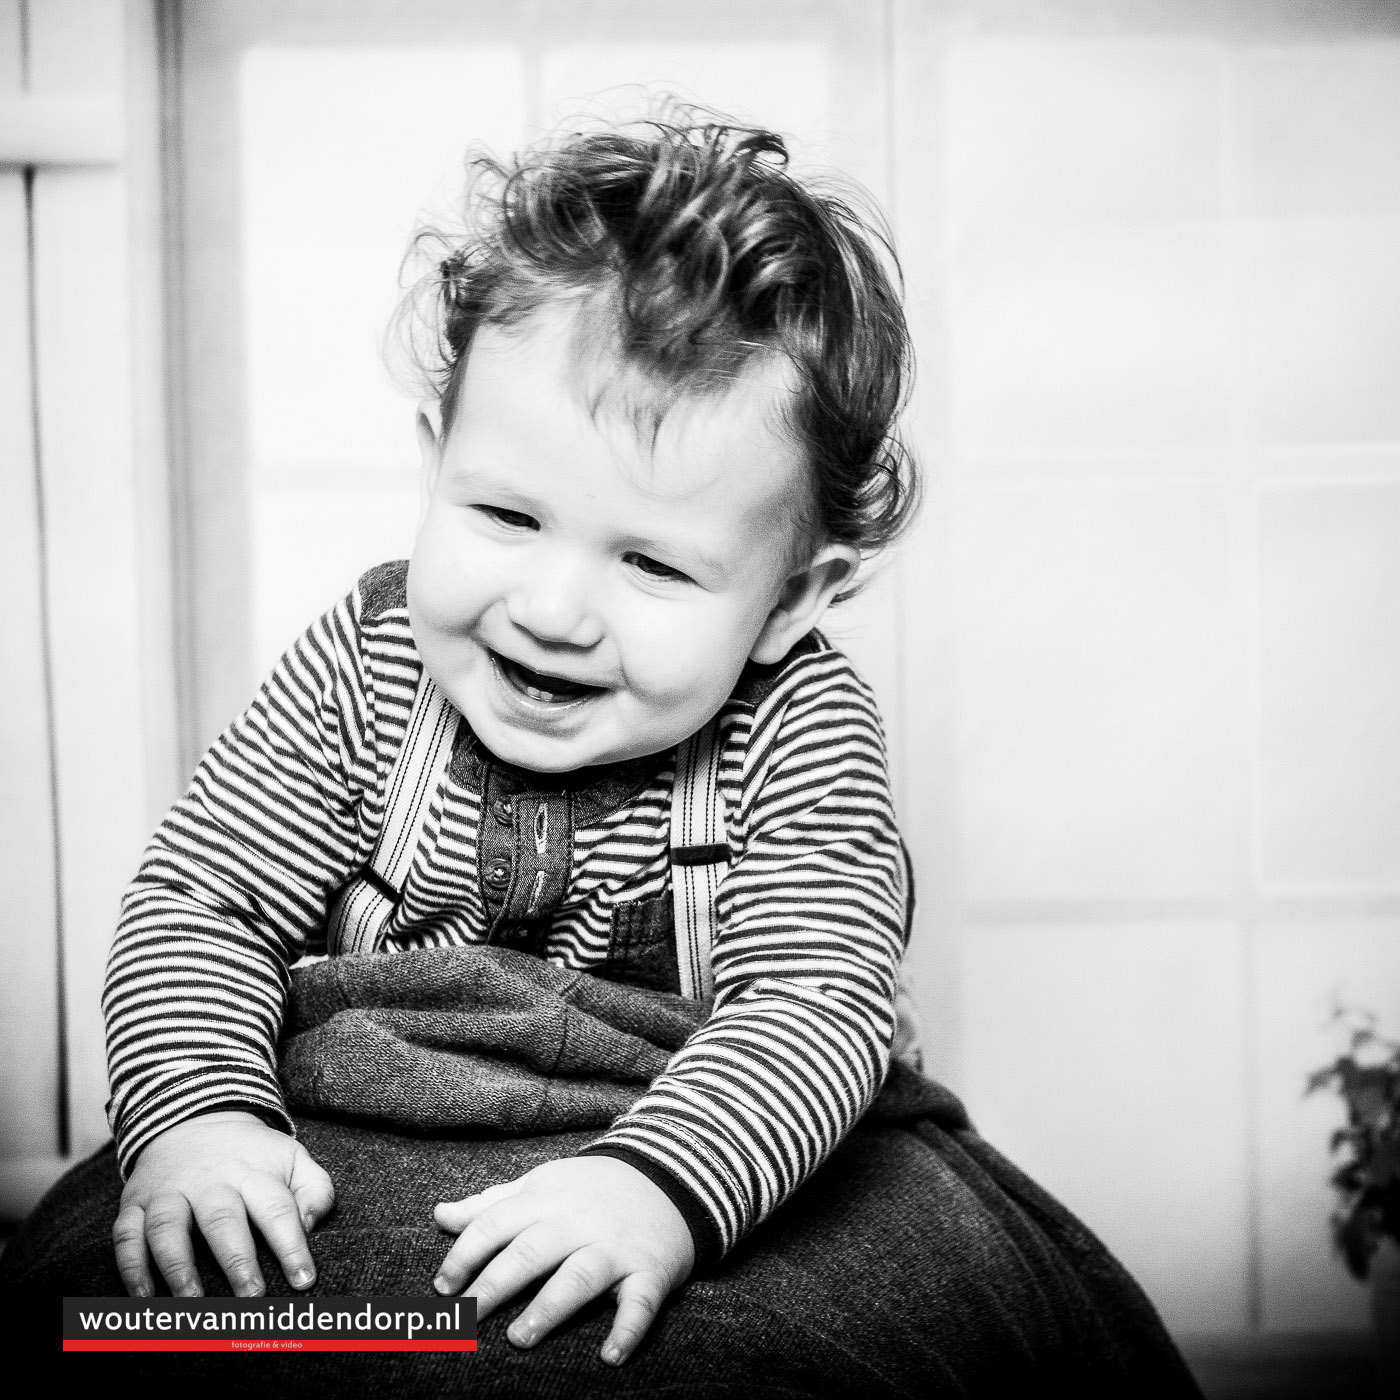 studiofotografie Wouter van Middendorp Uddel-30